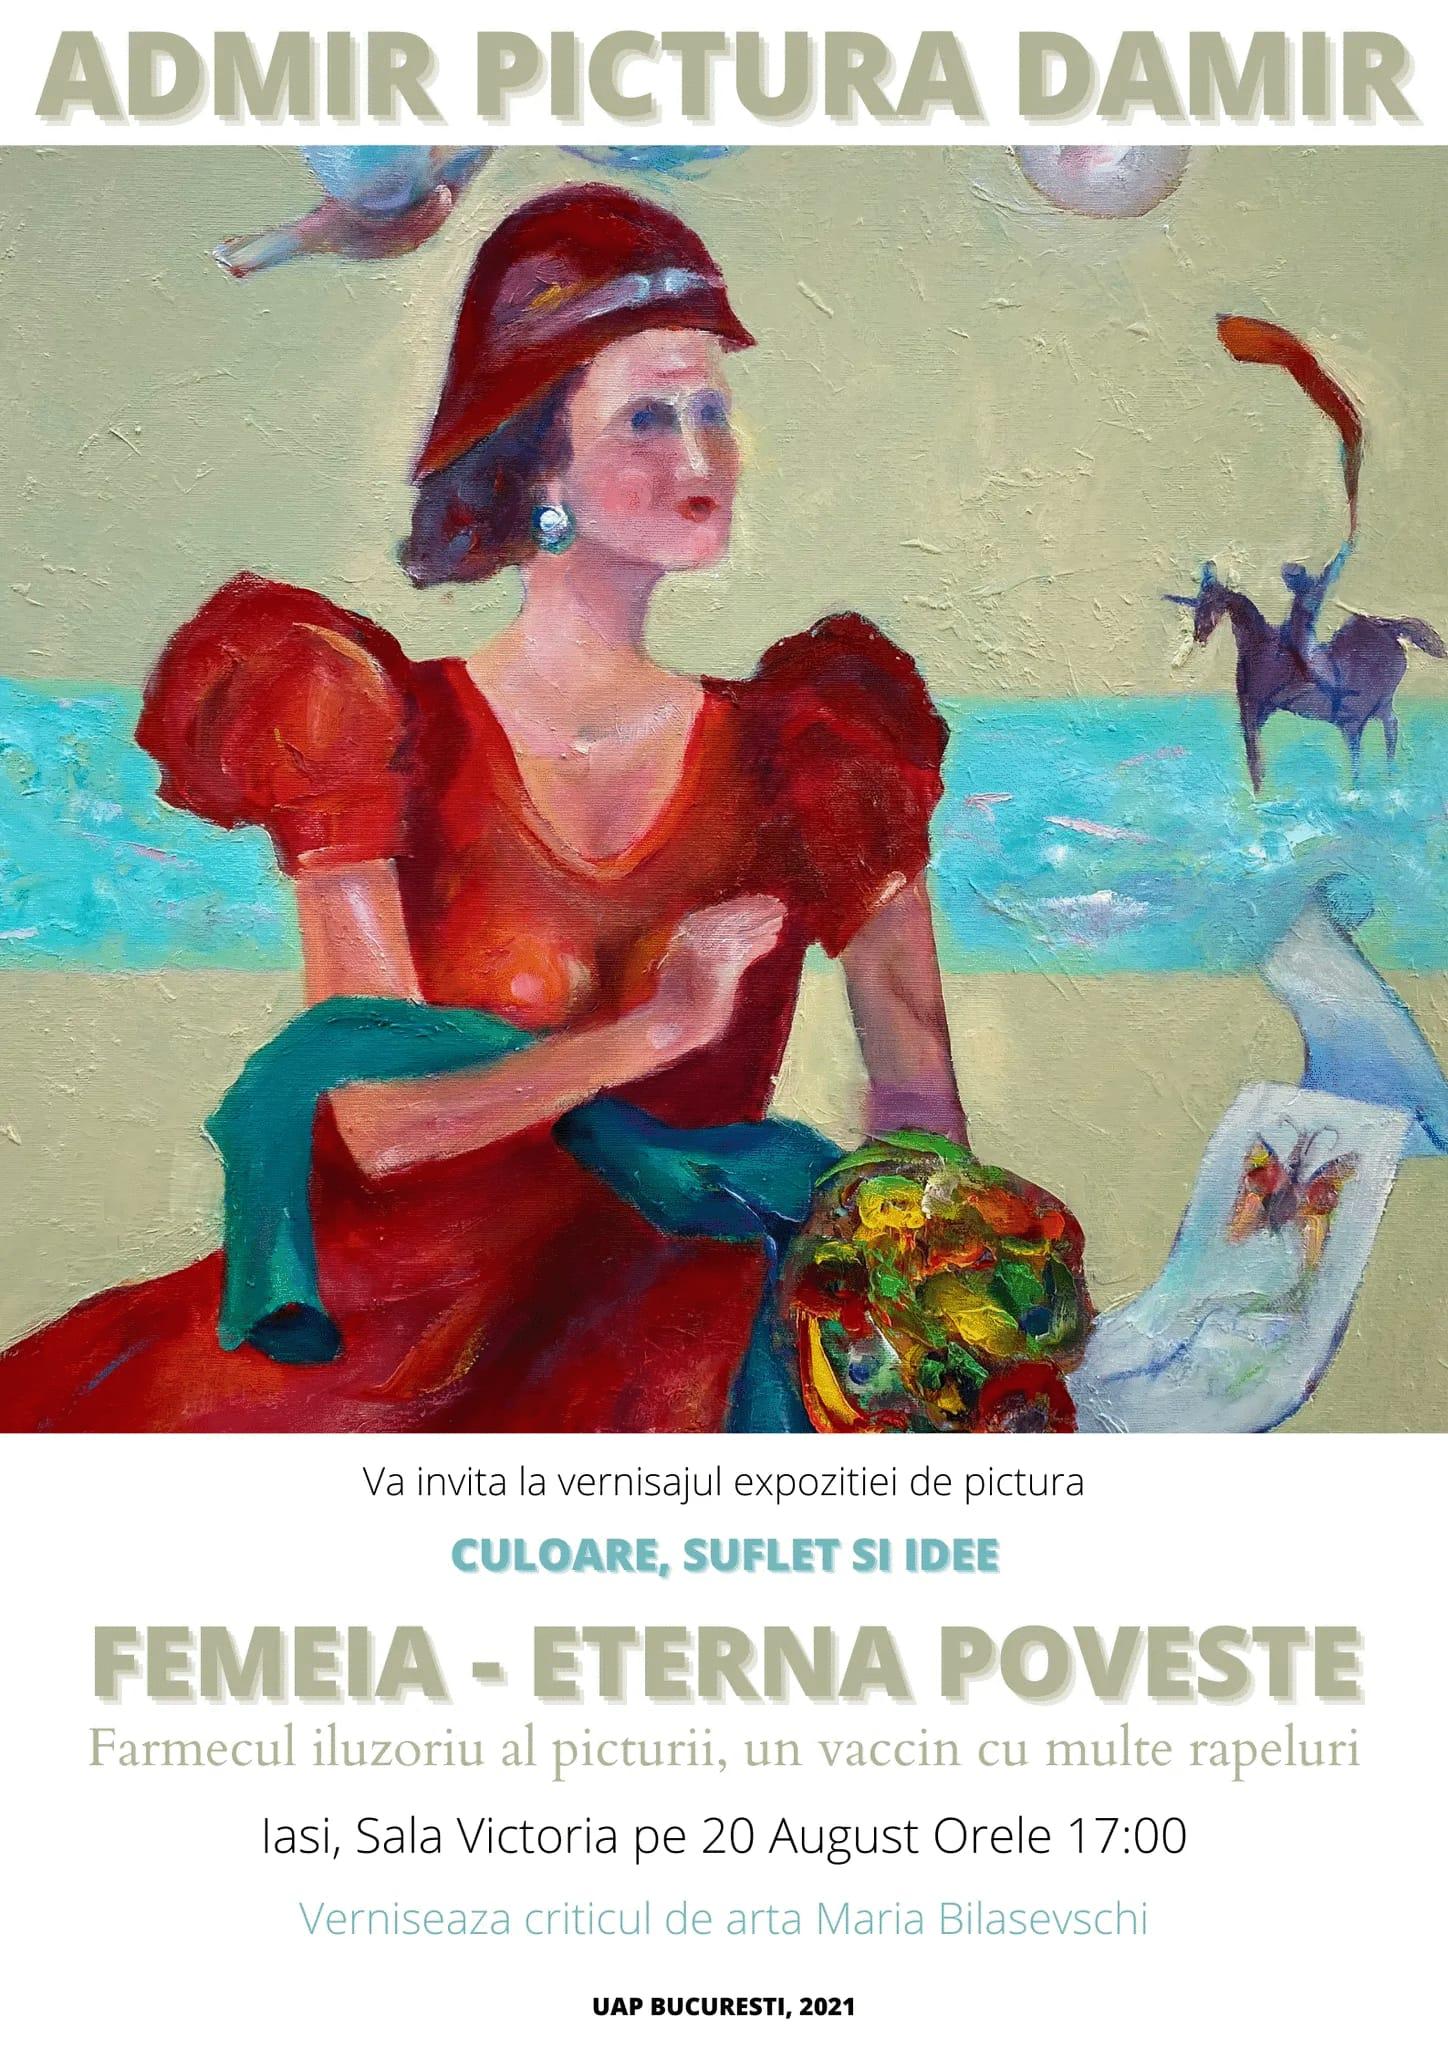 Expoziție de pictură - ADMIR PICTURA DAMIR